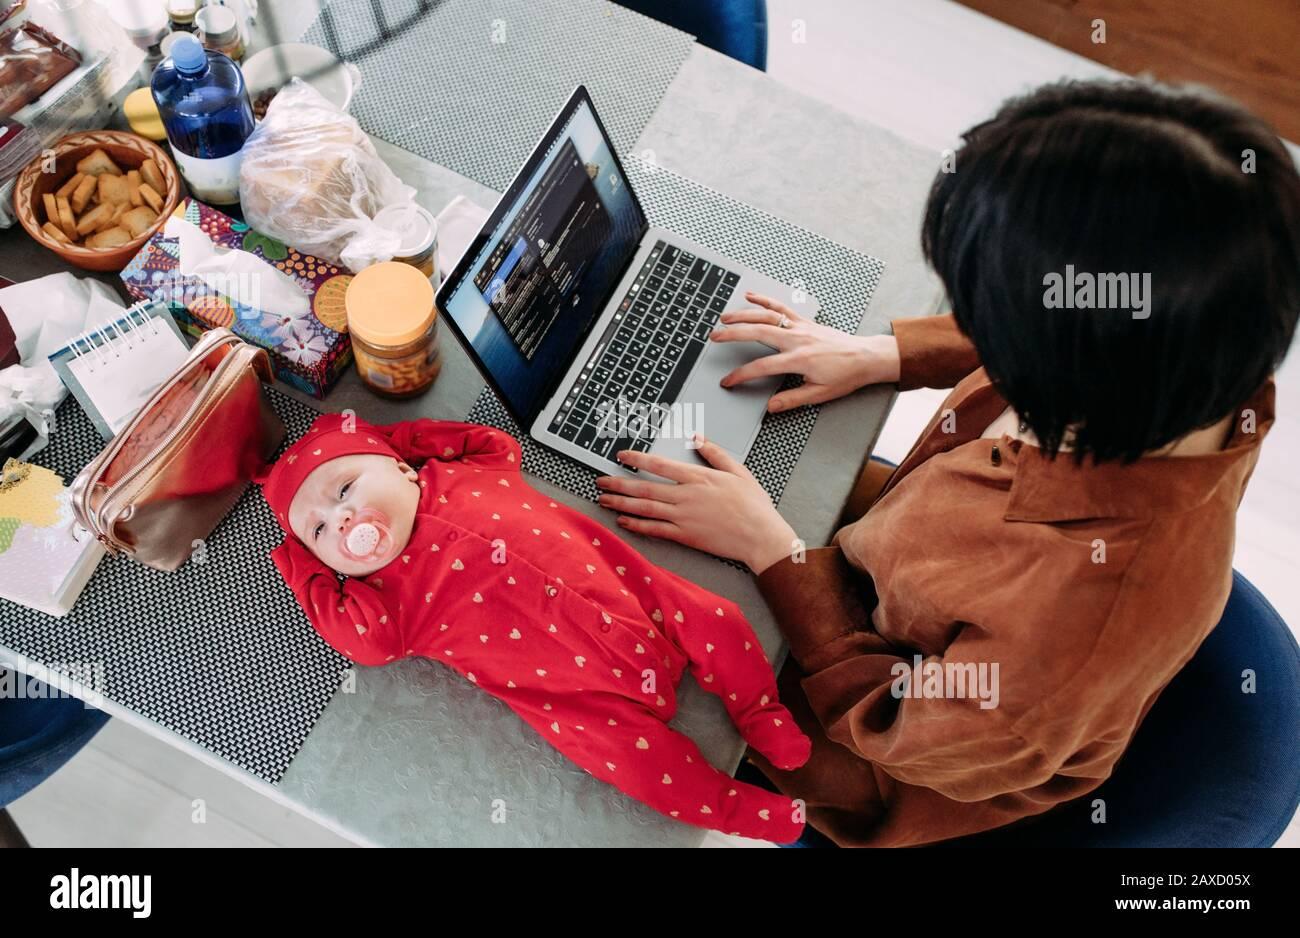 La mère est assise et travaille sur un ordinateur portable près du bébé allongé sur la table. Concept d'emploi des femmes avec des bébés. Vue de dessus. Banque D'Images